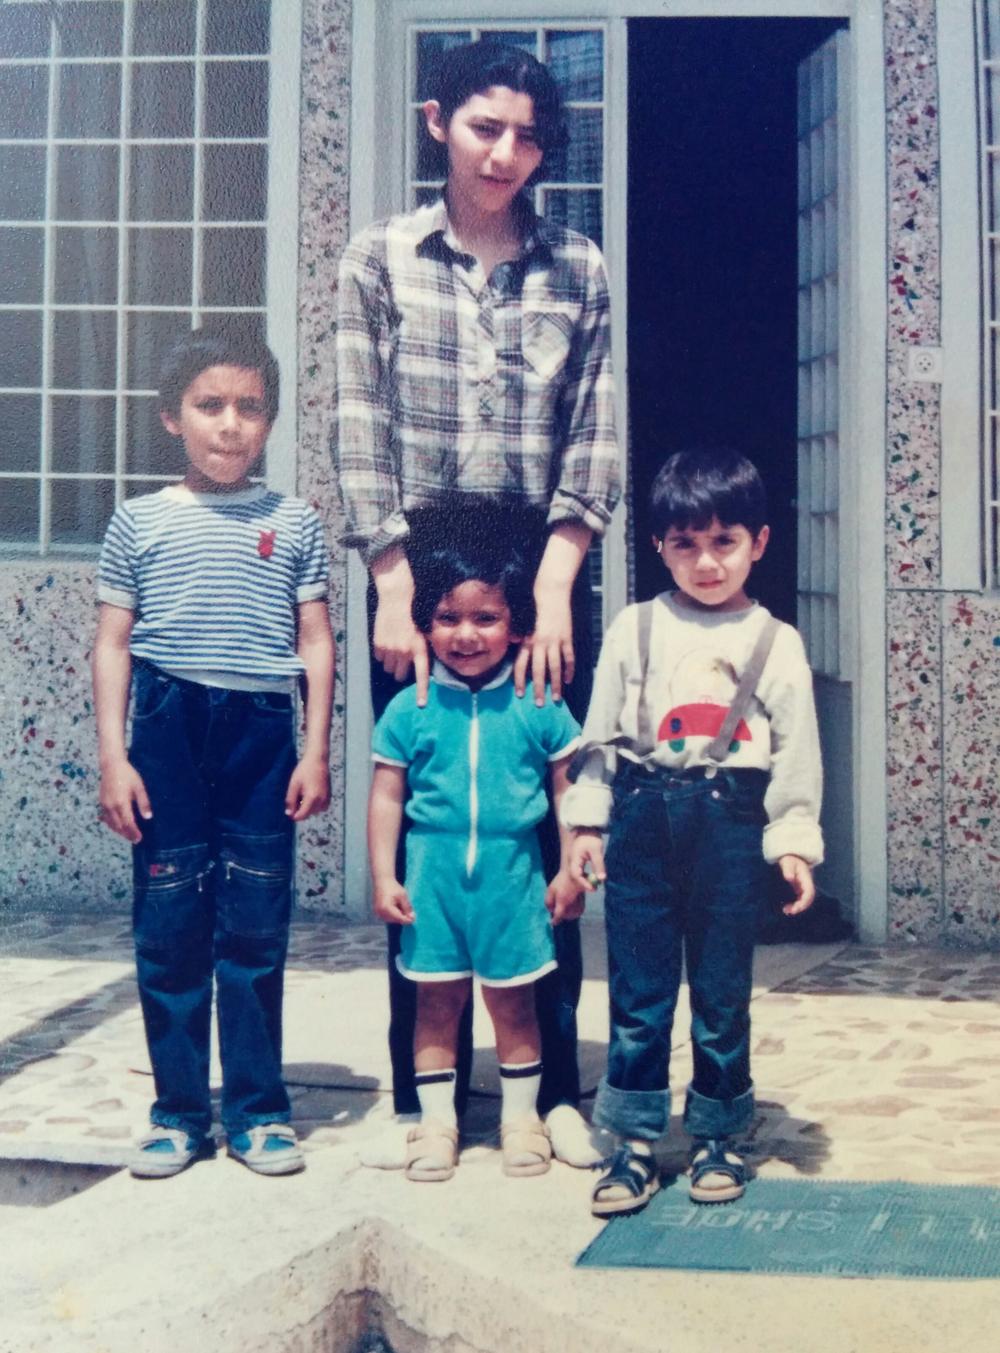 Shahsavar, Iran 1987